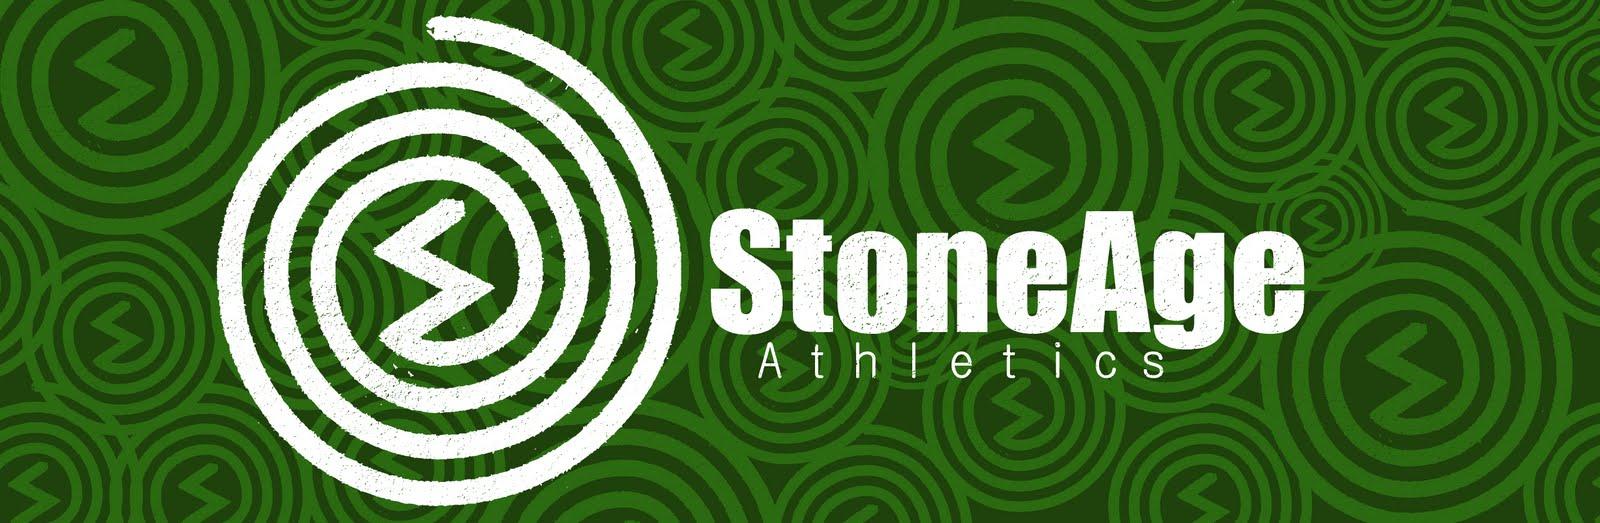 StoneAge Athletics